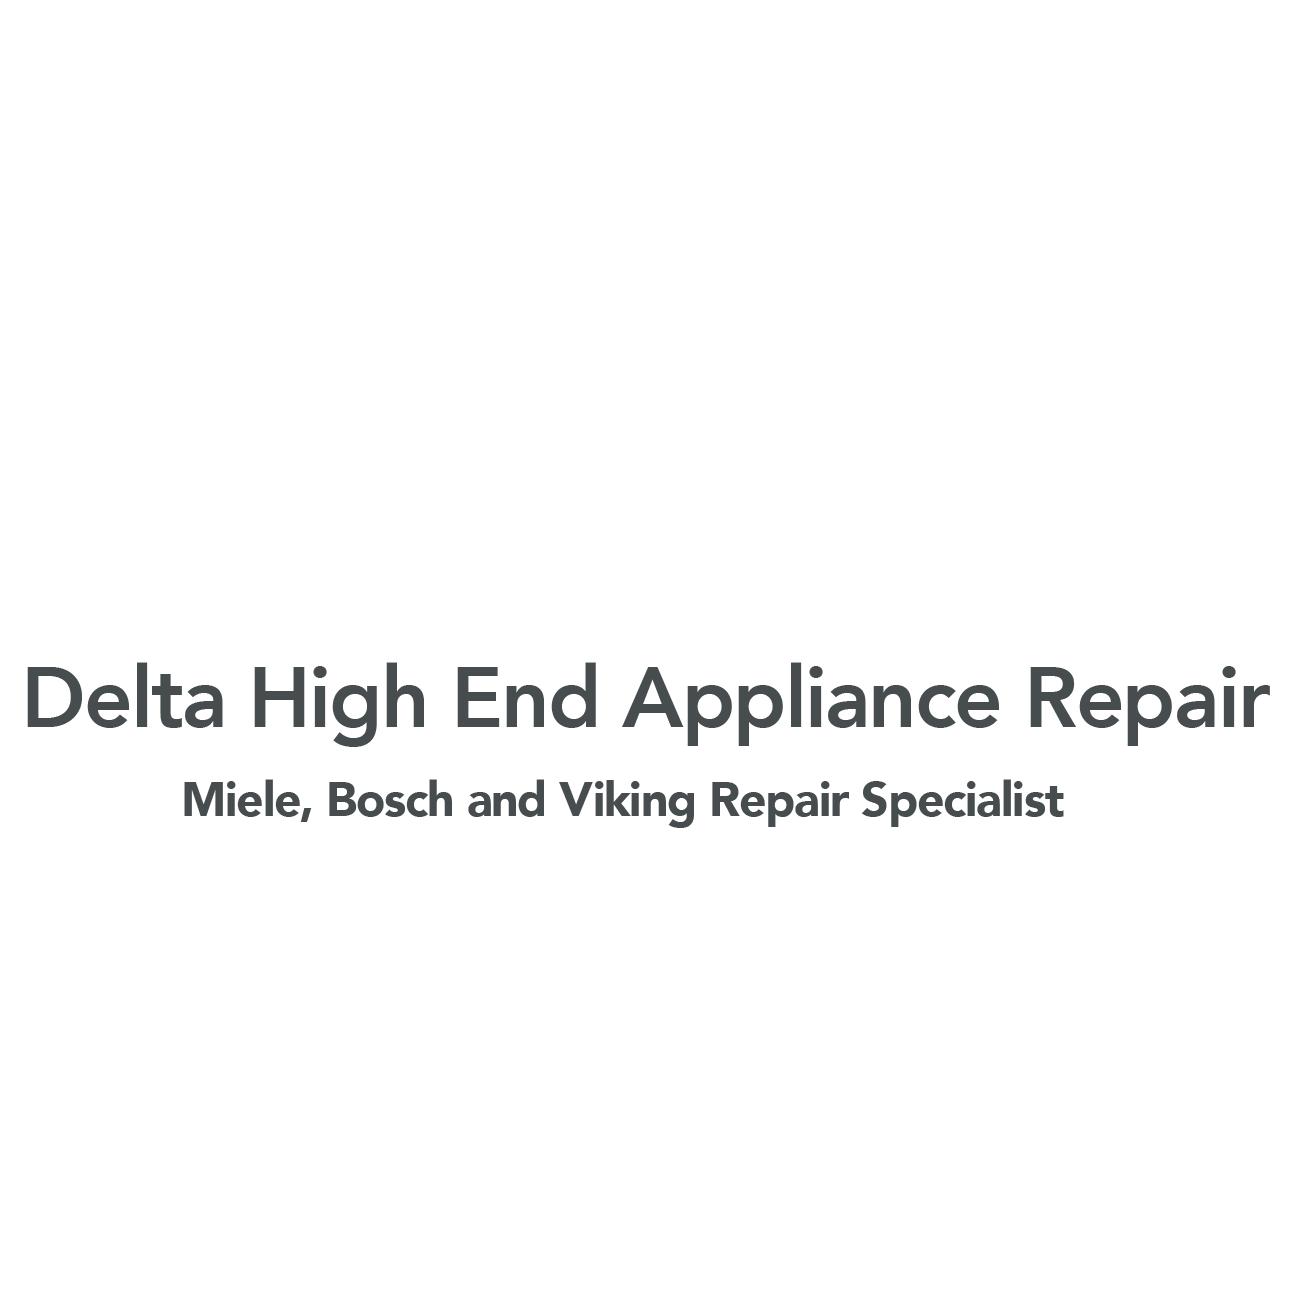 Delta High End Appliance Repair